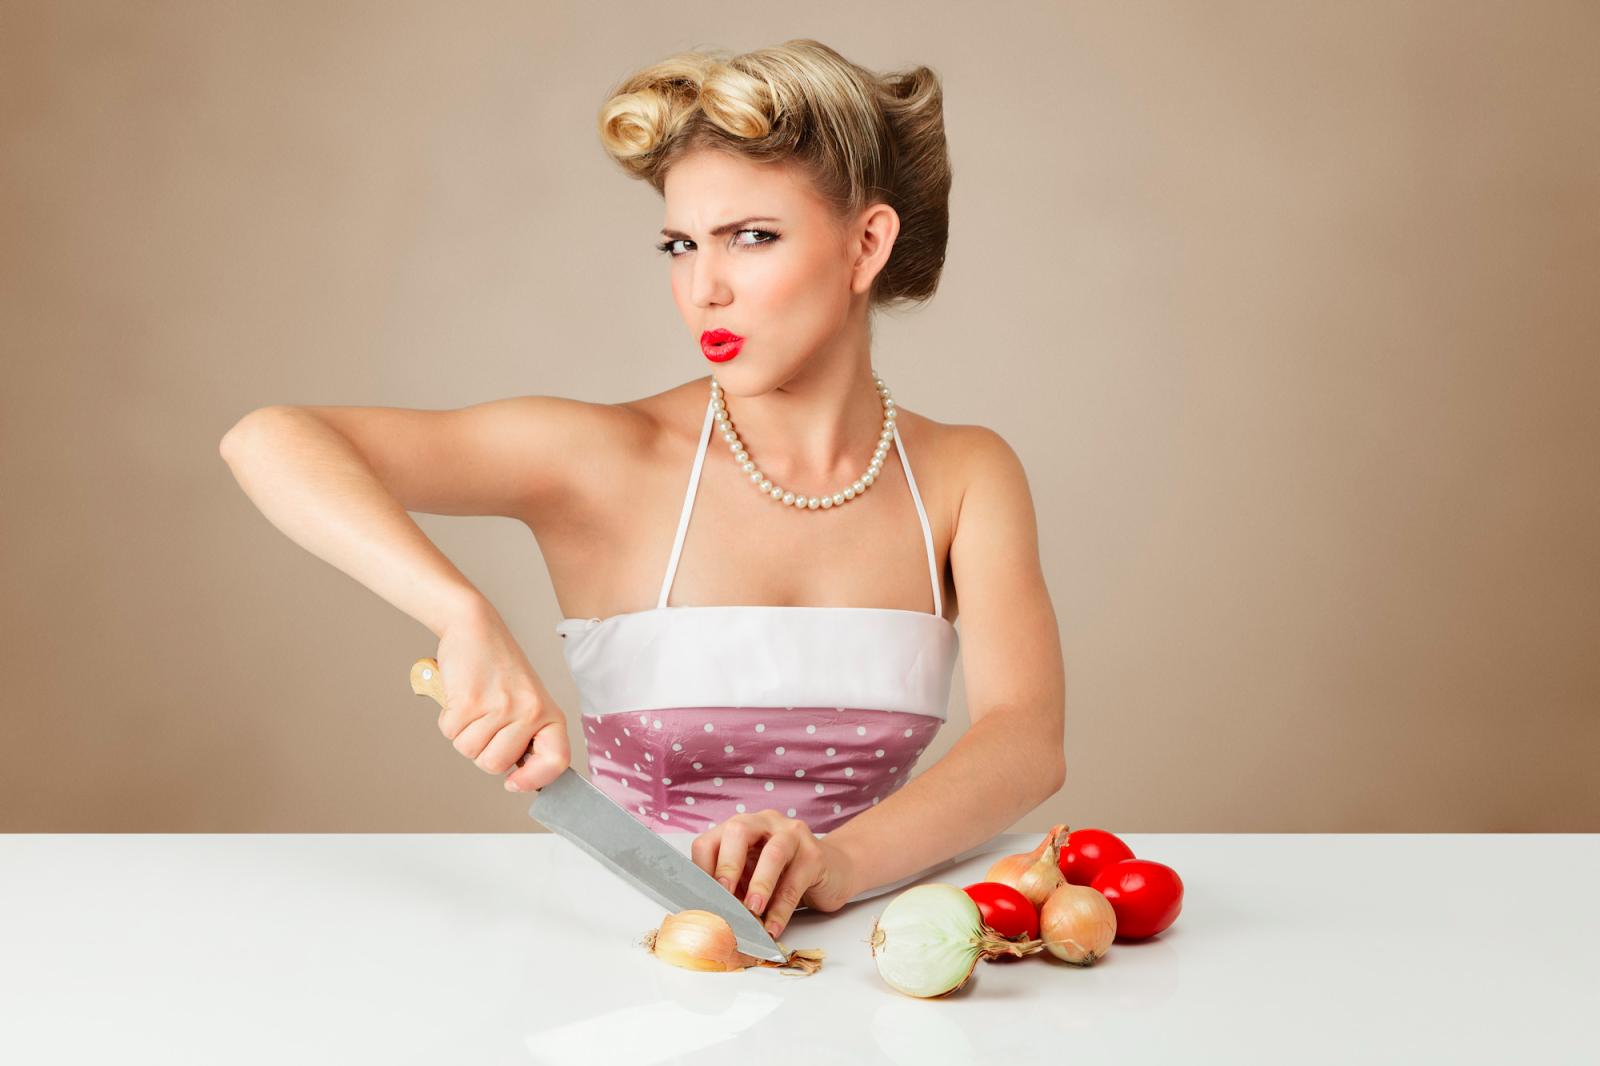 О чем говорят женщины? (Text mining of beauty blogs) - 2